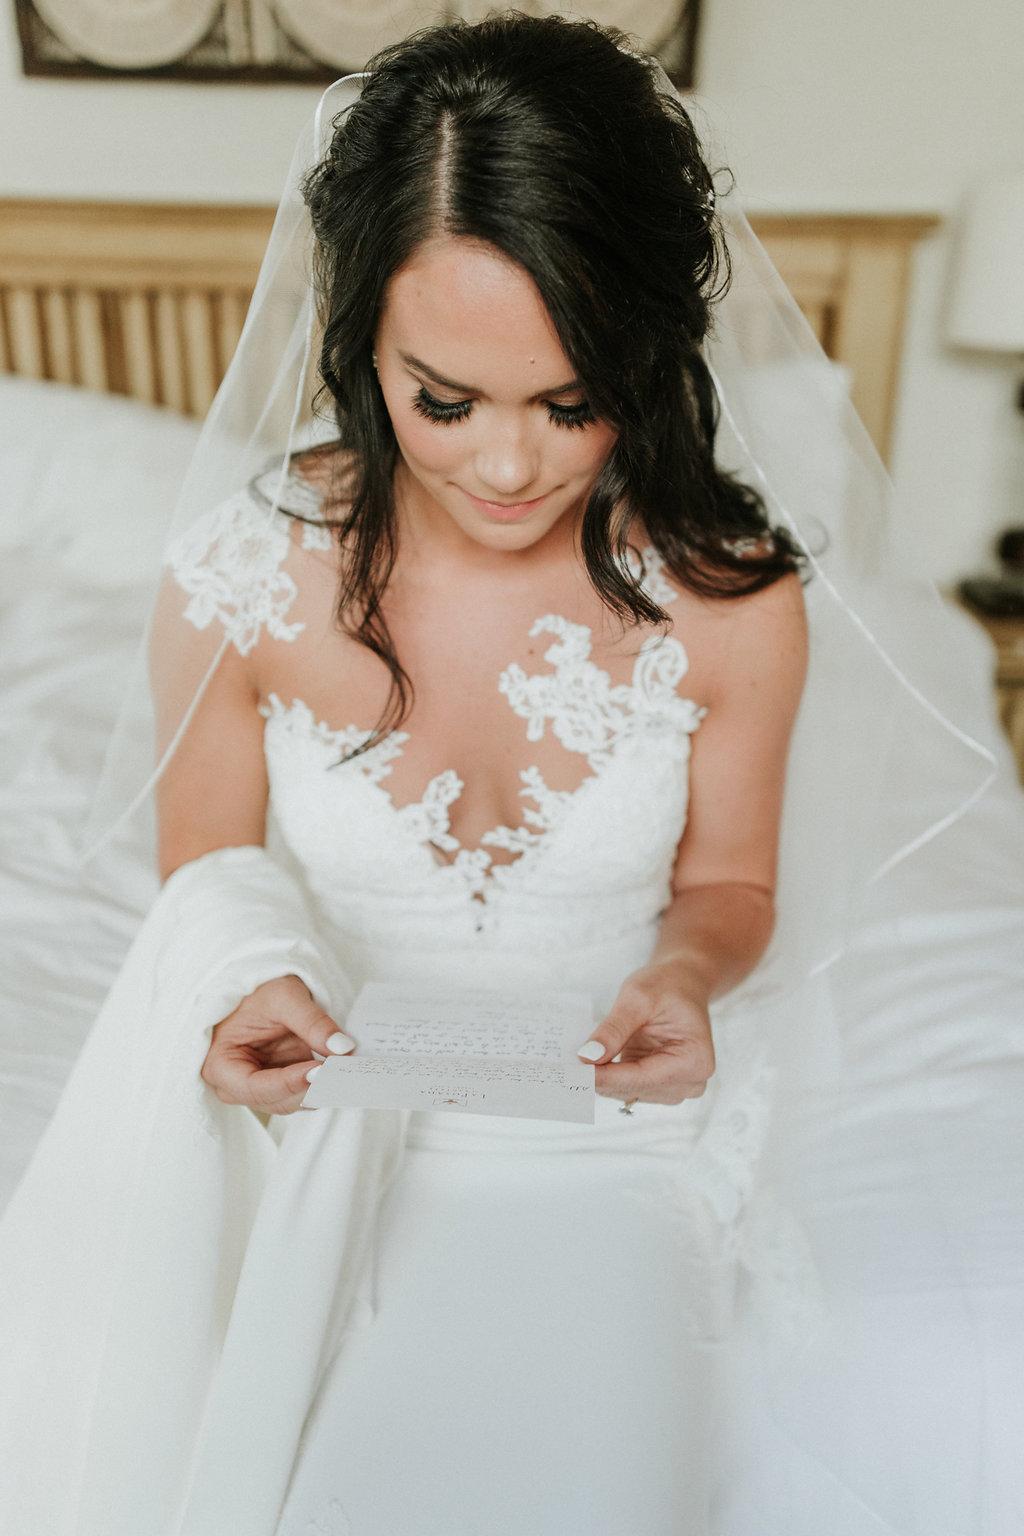 Natural glam wedding makeup